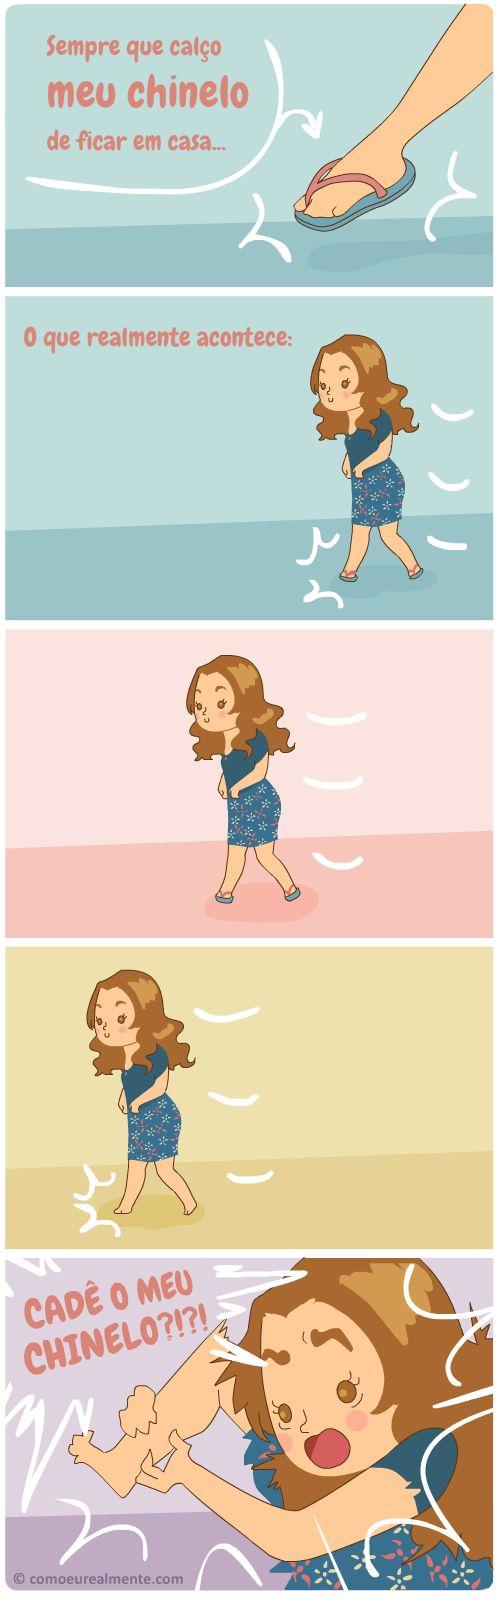 O que realmente acontece quando visto meu chinelo de ficar em casa: some na mesma hora